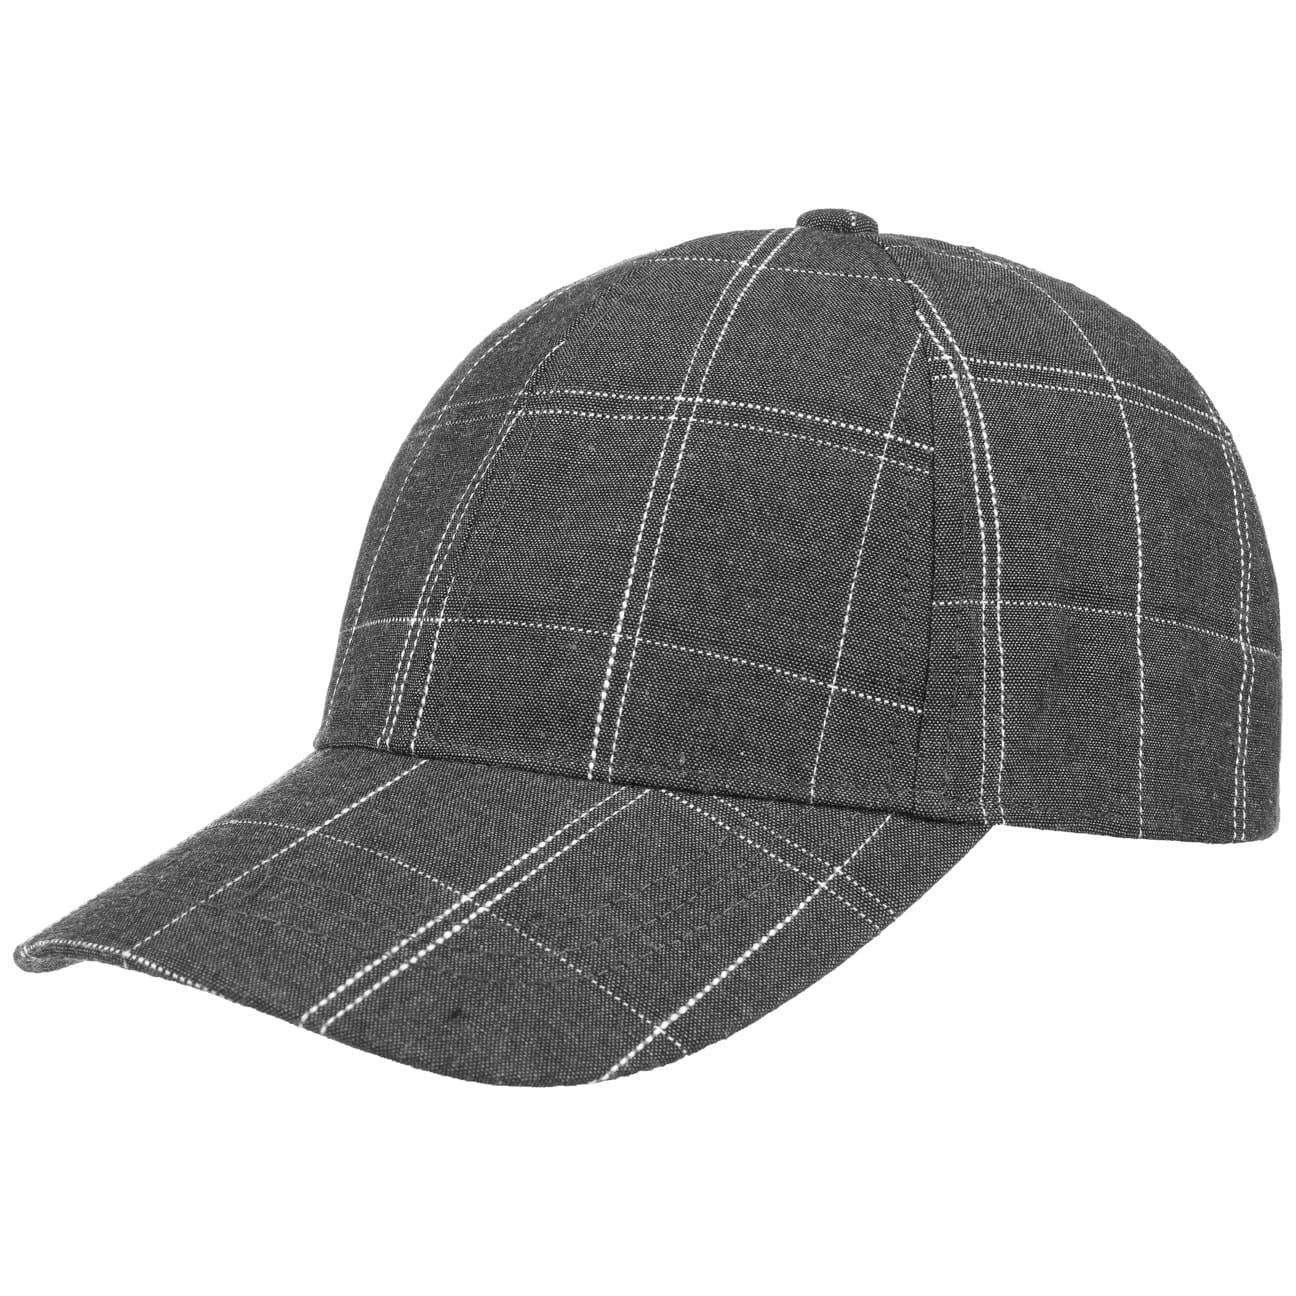 checked-cotton-baseballcap-basecap